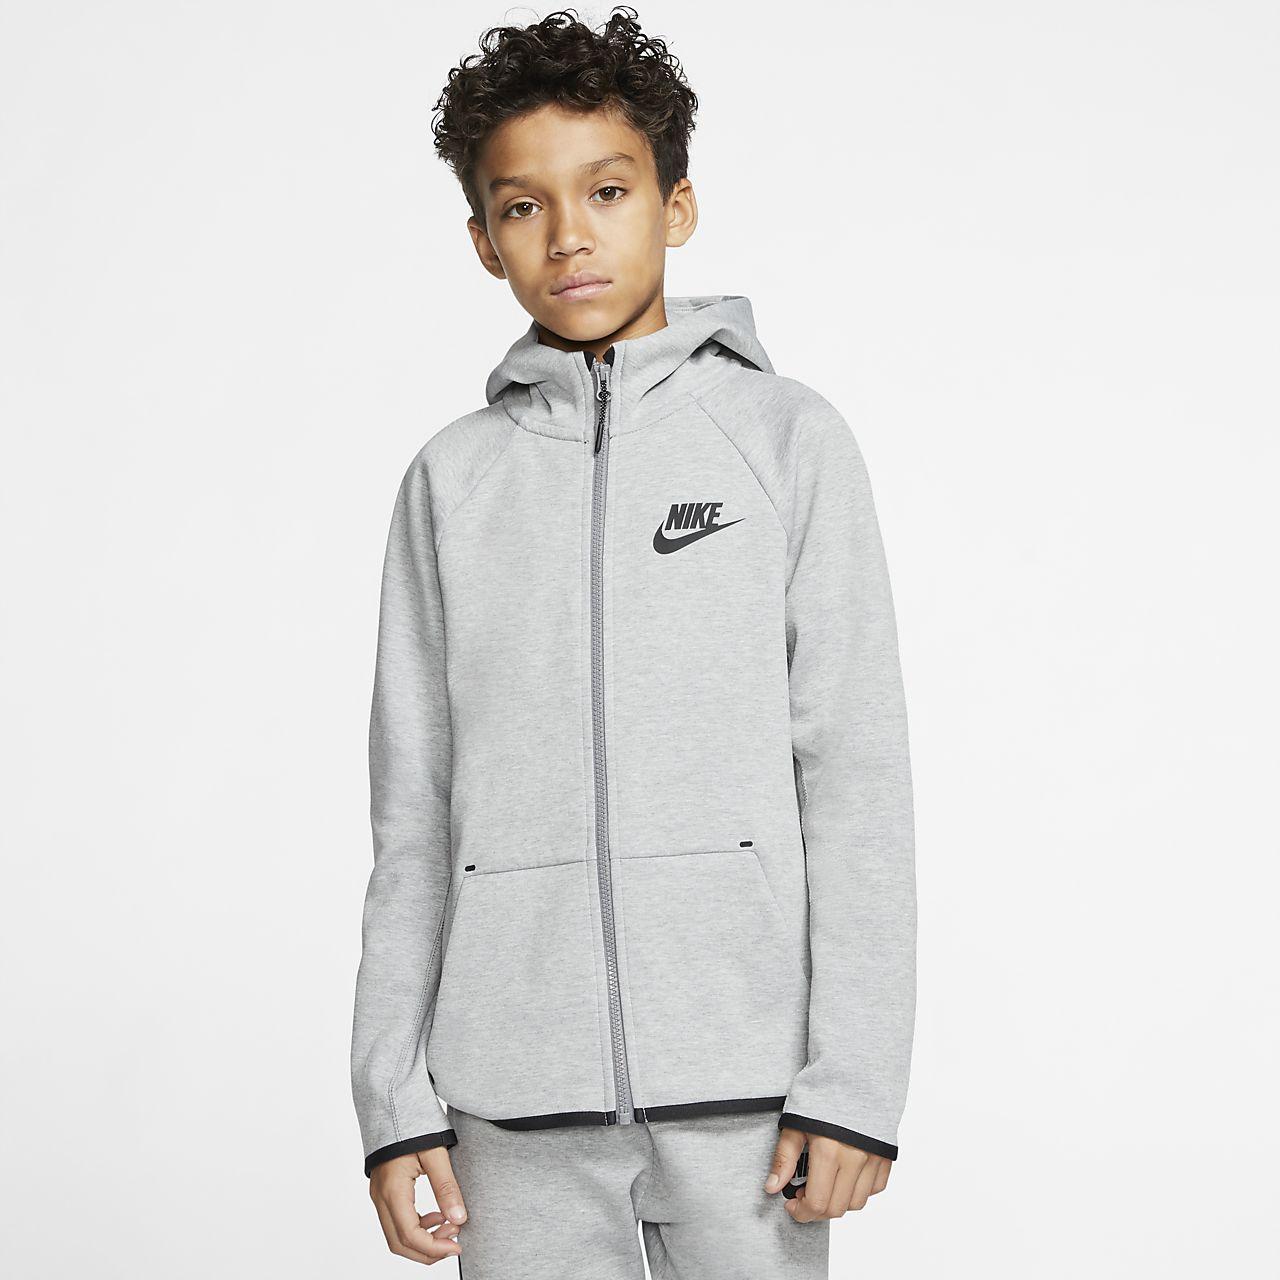 7ccc08037247 Nike Sportswear Tech Fleece Older Kids  Full-Zip Jacket. Nike.com LU